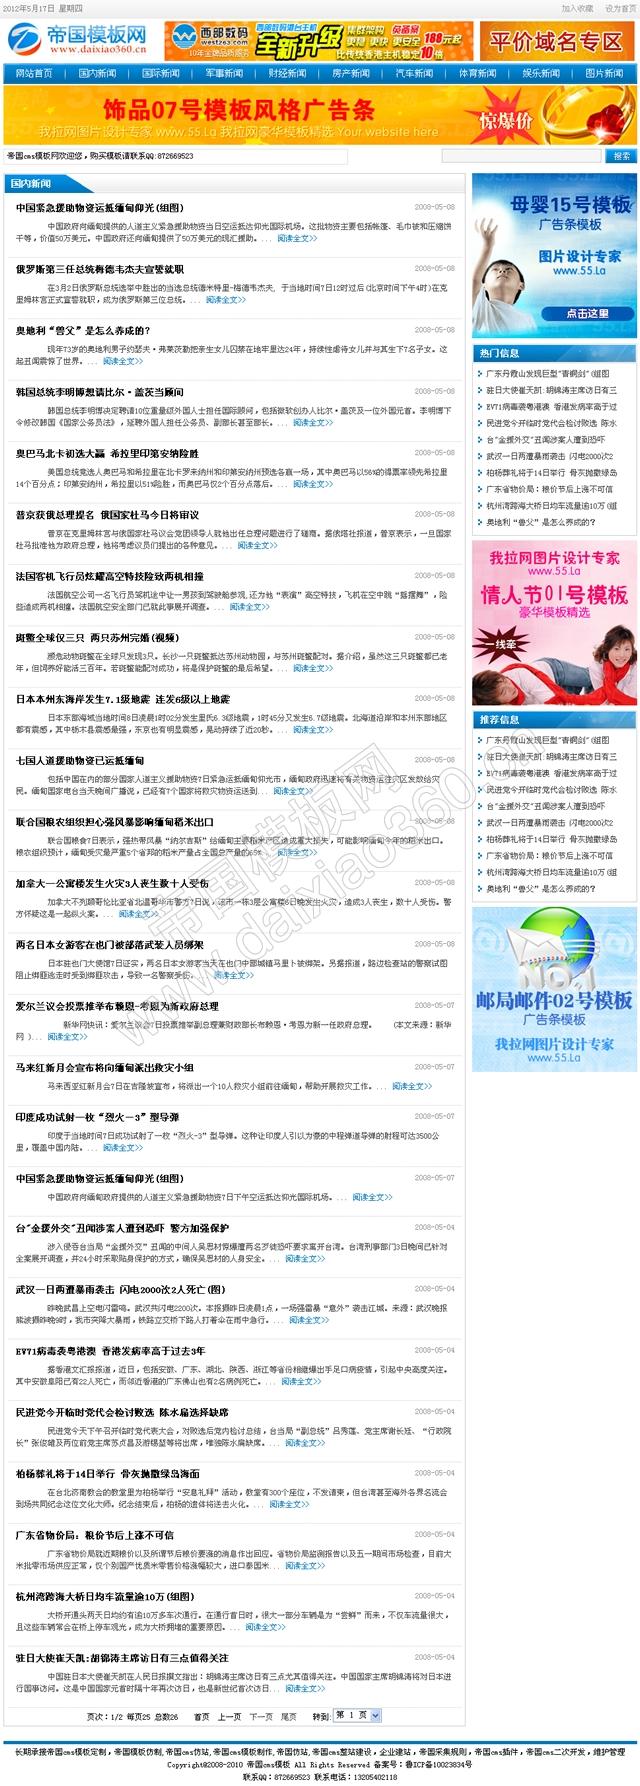 帝国cms蓝色大气资讯新闻文章模板_文章列表